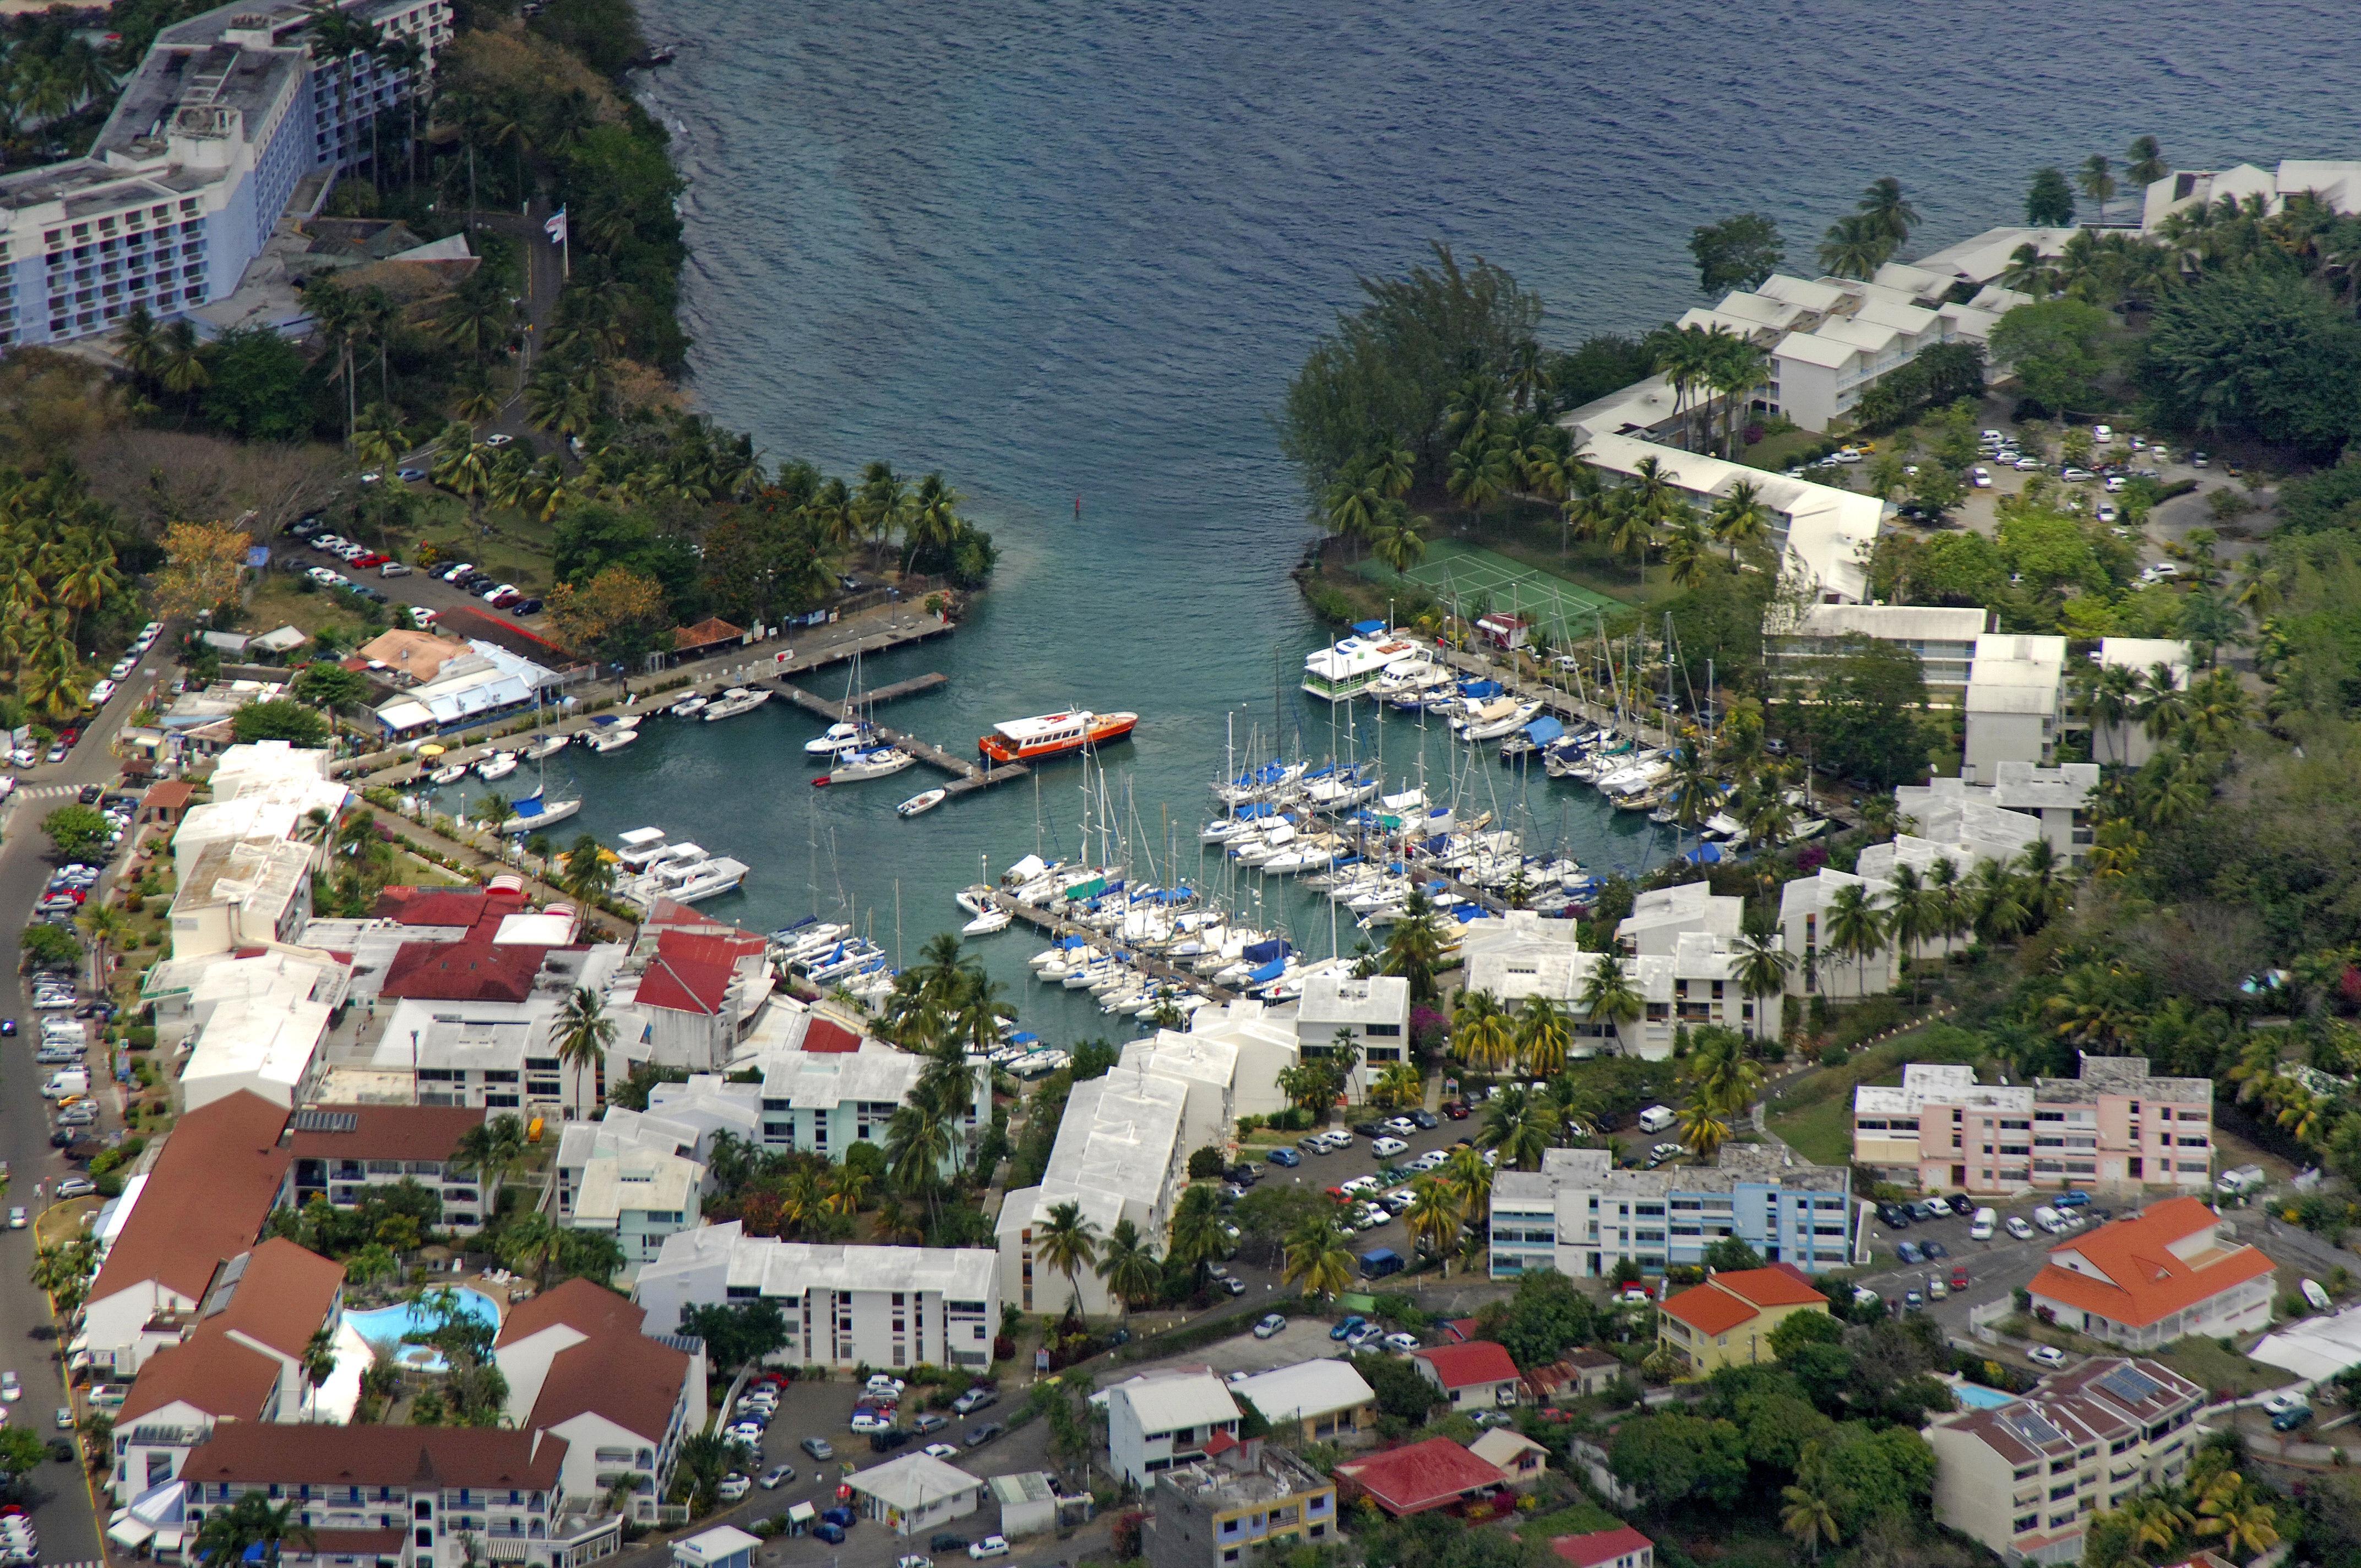 Somatras Marina in Fort-De-France, Martinique - Marina